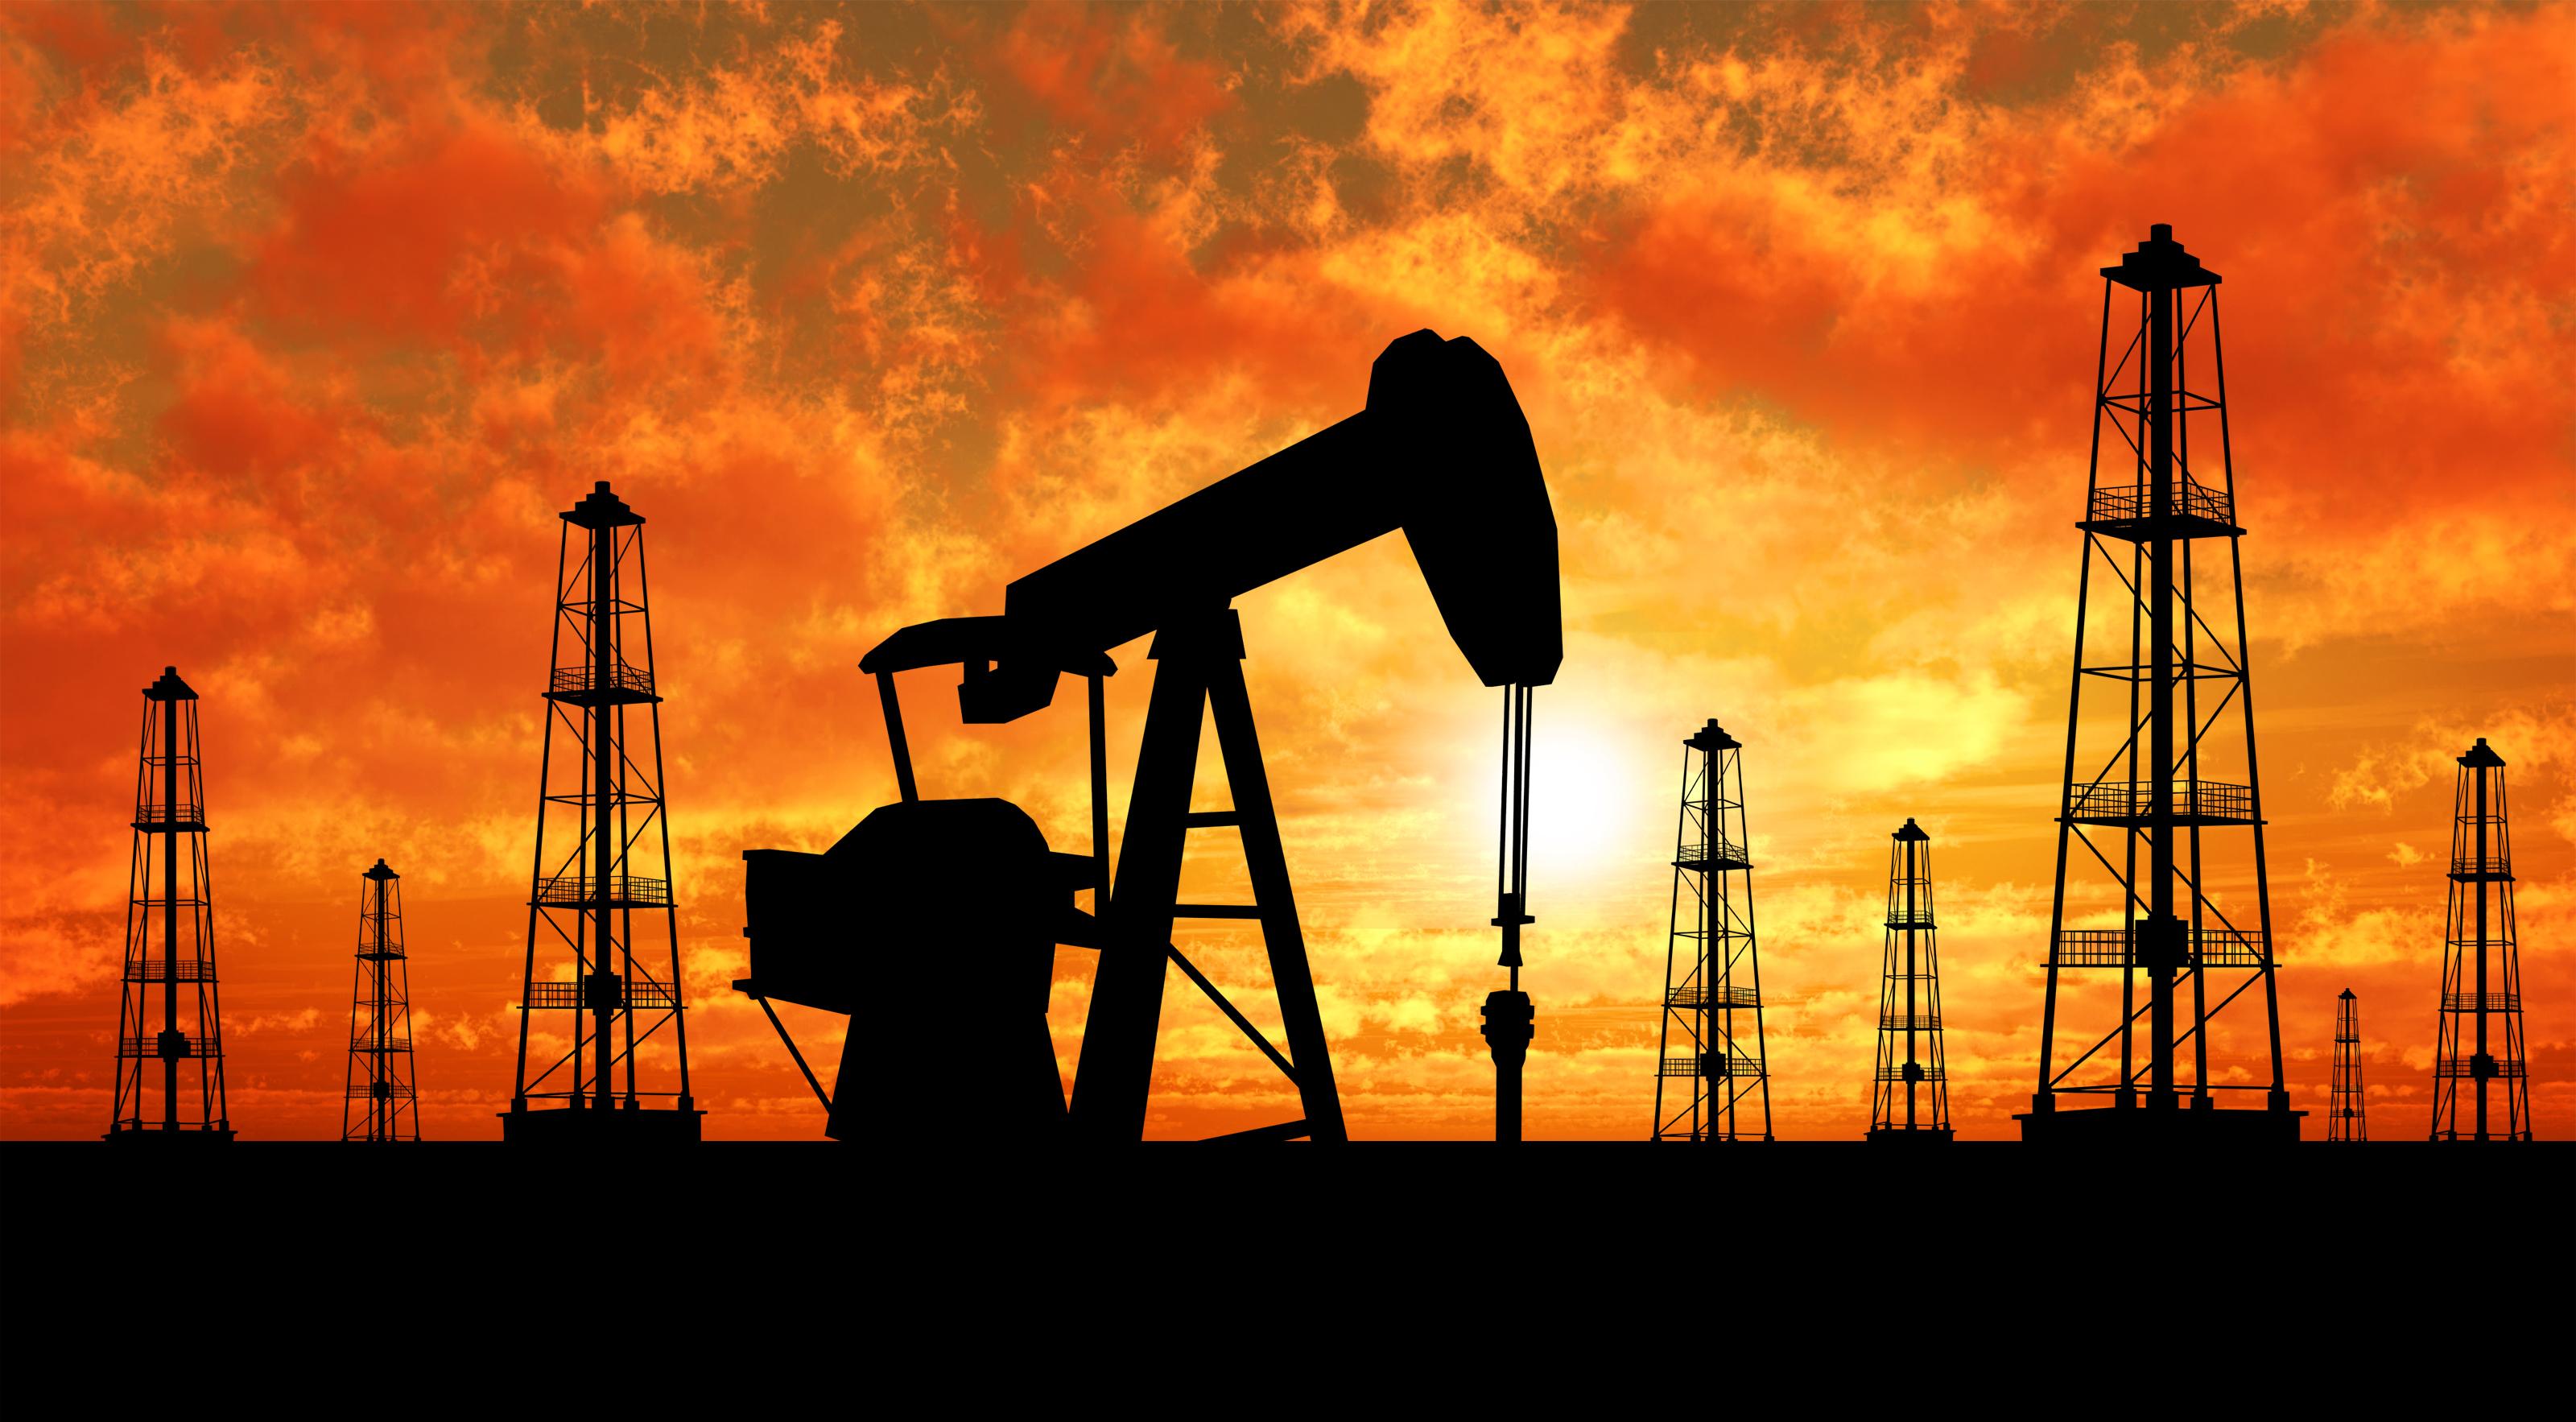 شوک قیمت در بازار نفت با تصمیم ترامپ علیه ایران| حالا چه خواهد شد؟